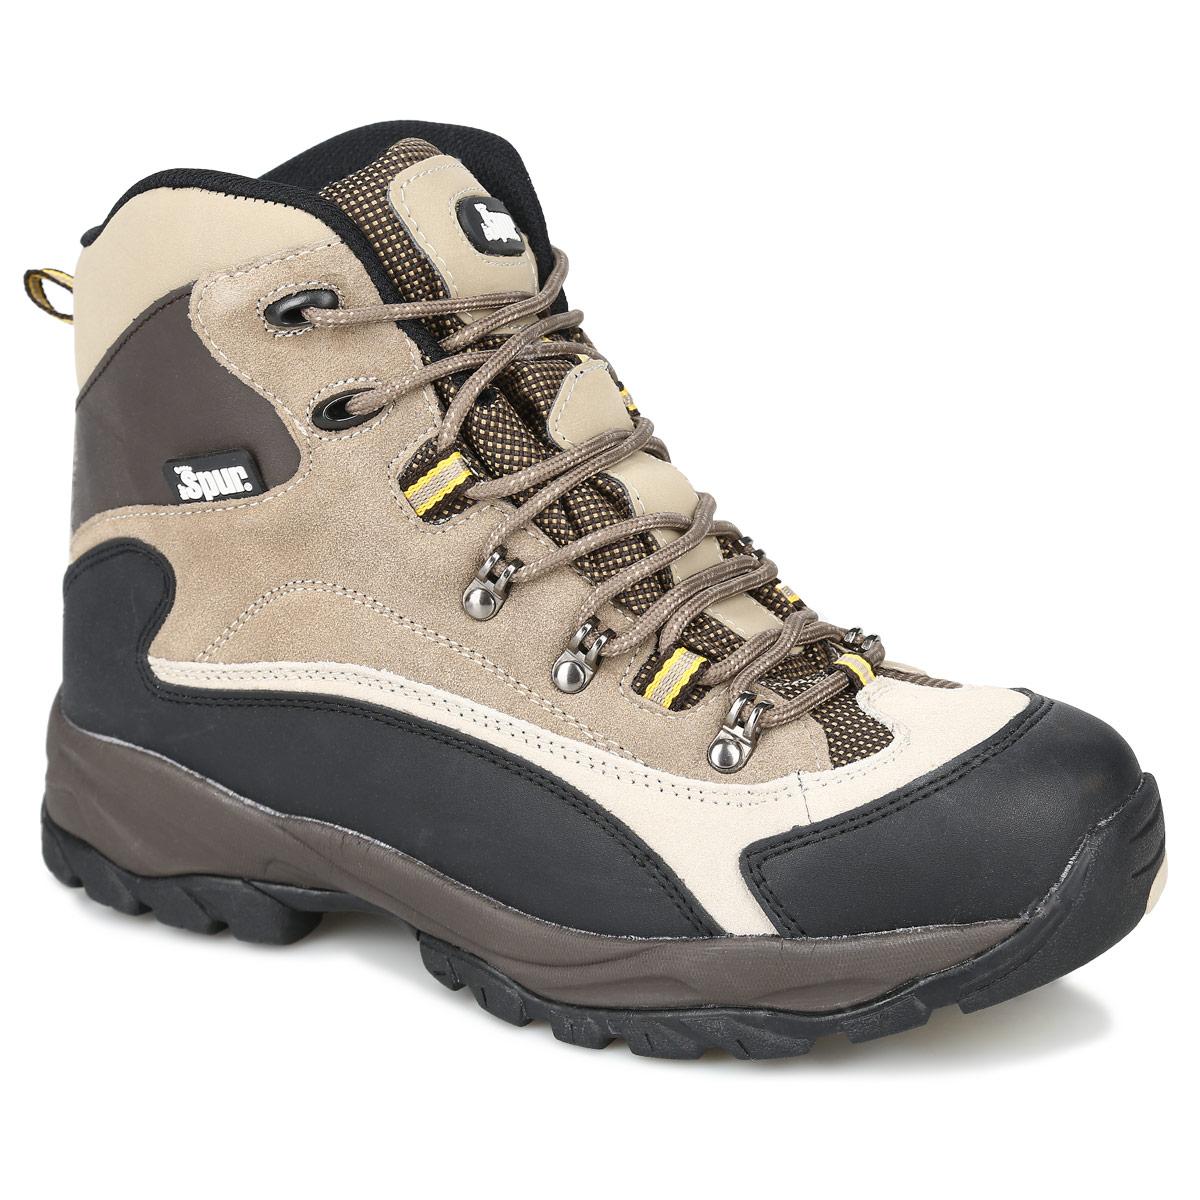 Ботинки мужские. 1SP_09-A231SP_09-A23Стильные ботинки от Spur идеально подходят для ношения в городе в холодную погоду и для прогулок. Модель выполнена из спилока и искусственной кожи. На мыске имеется защитная накладка, защищающая ногу от ударов. Задник оснащен текстильной петелькой для удобства надевания ботинок. Шнуровка позволяет надежно фиксировать модель на ноге. Подкладка и стелька из шерсти сохранят ваши ноги в тепле. Агрессивный протектор подошвы обеспечит отличное сцепление с поверхностью в любых условиях. В них вашим ногам будет комфортно и уютно.